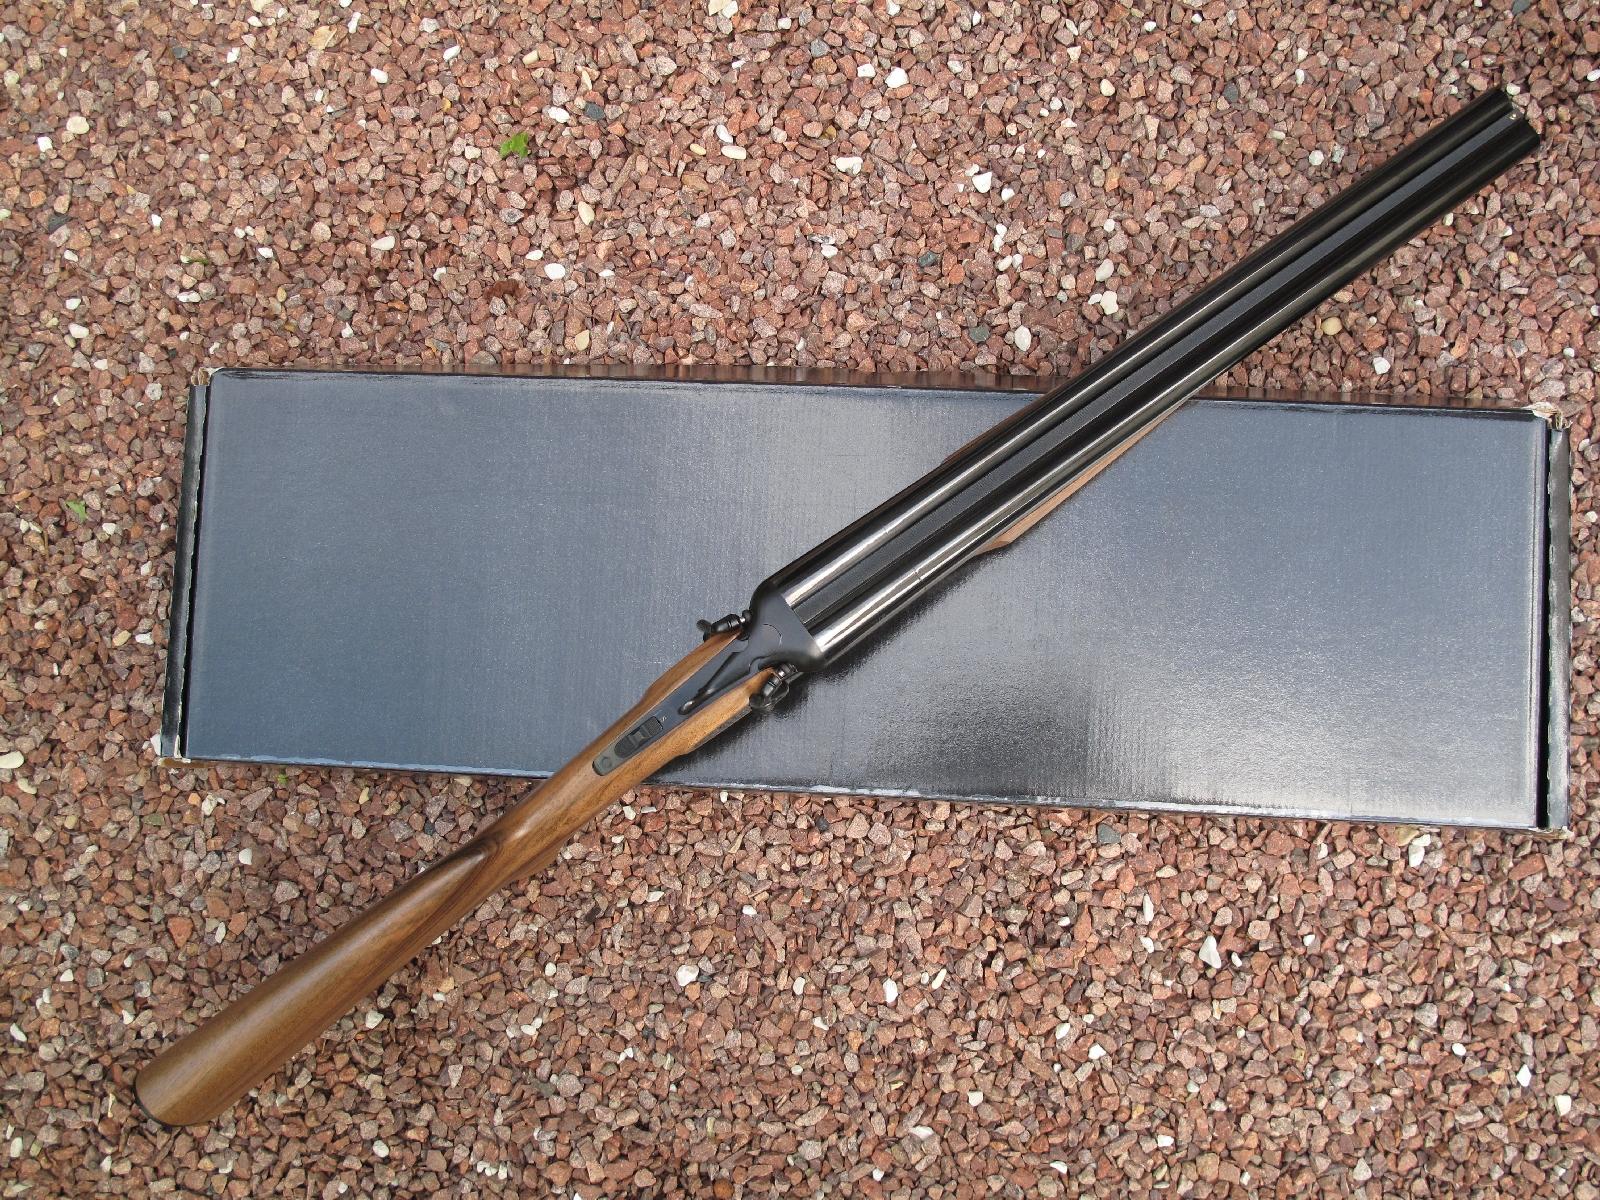 Le canon basculant à ouverture par clef supérieure, qui représente le système le plus simple et le plus rapide à utiliser, a été majoritairement adopté sur les fusils de chasse.